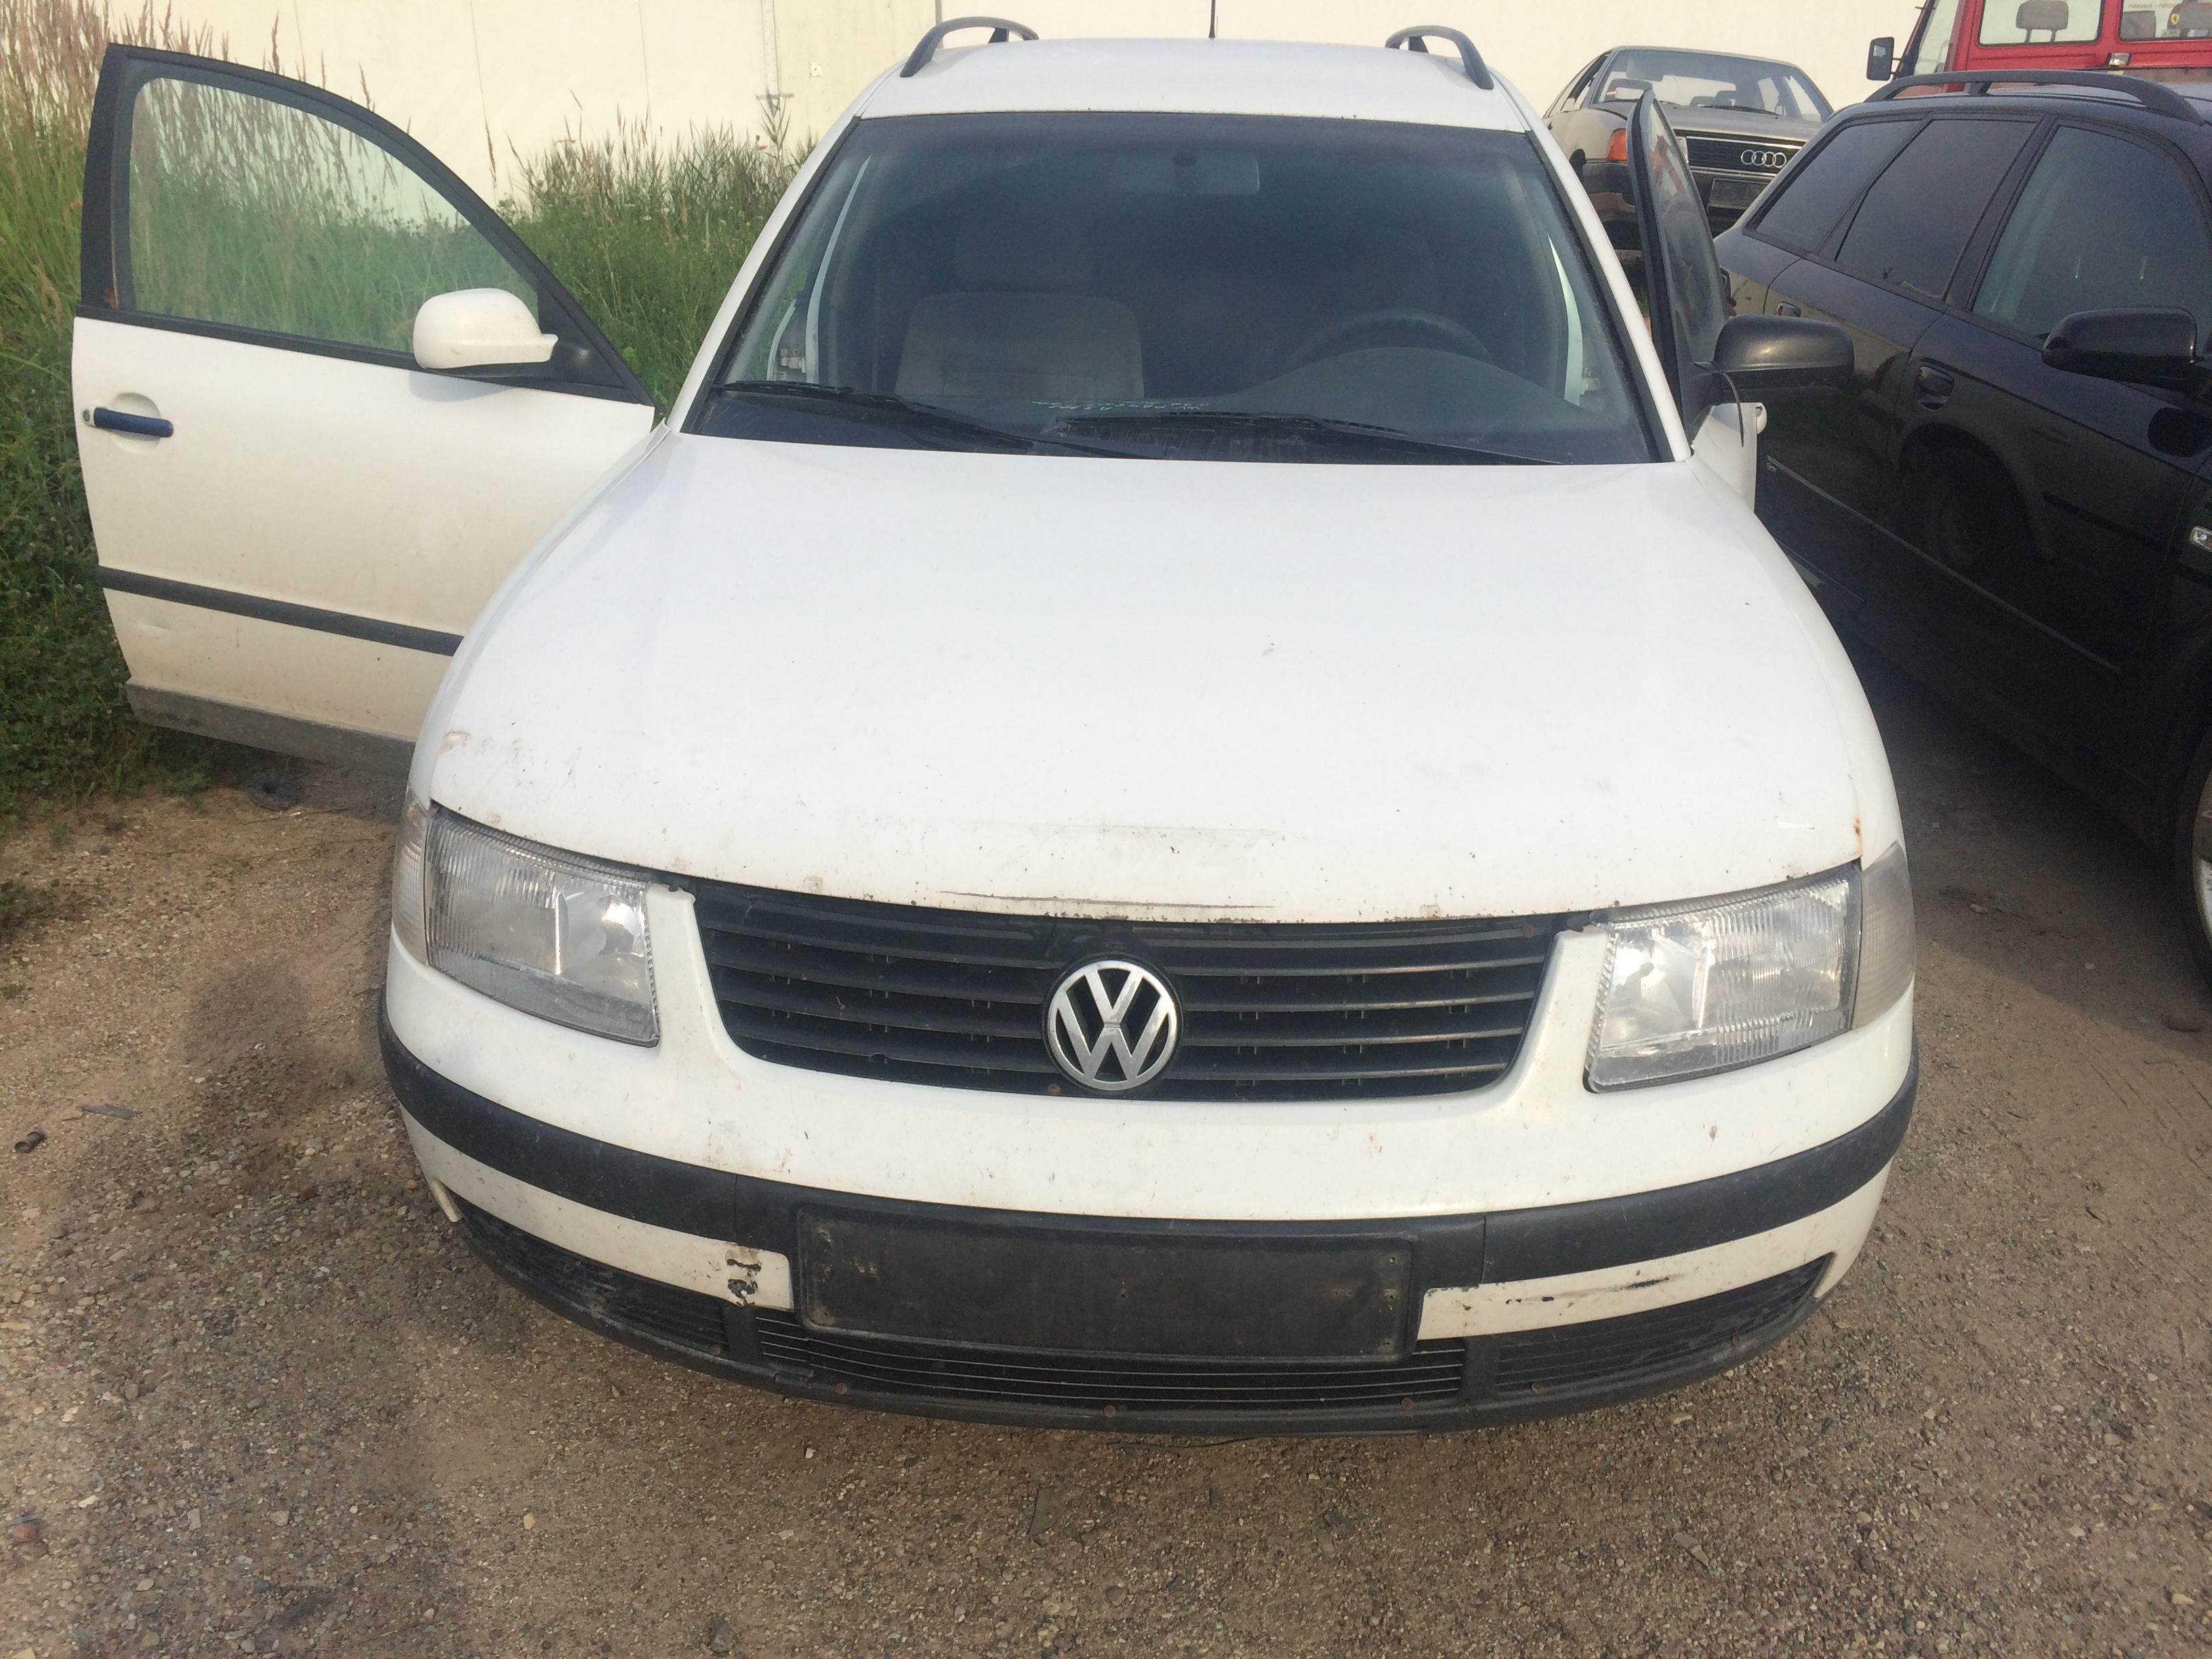 Volkswagen PASSAT 1999 1.9 Mechanical